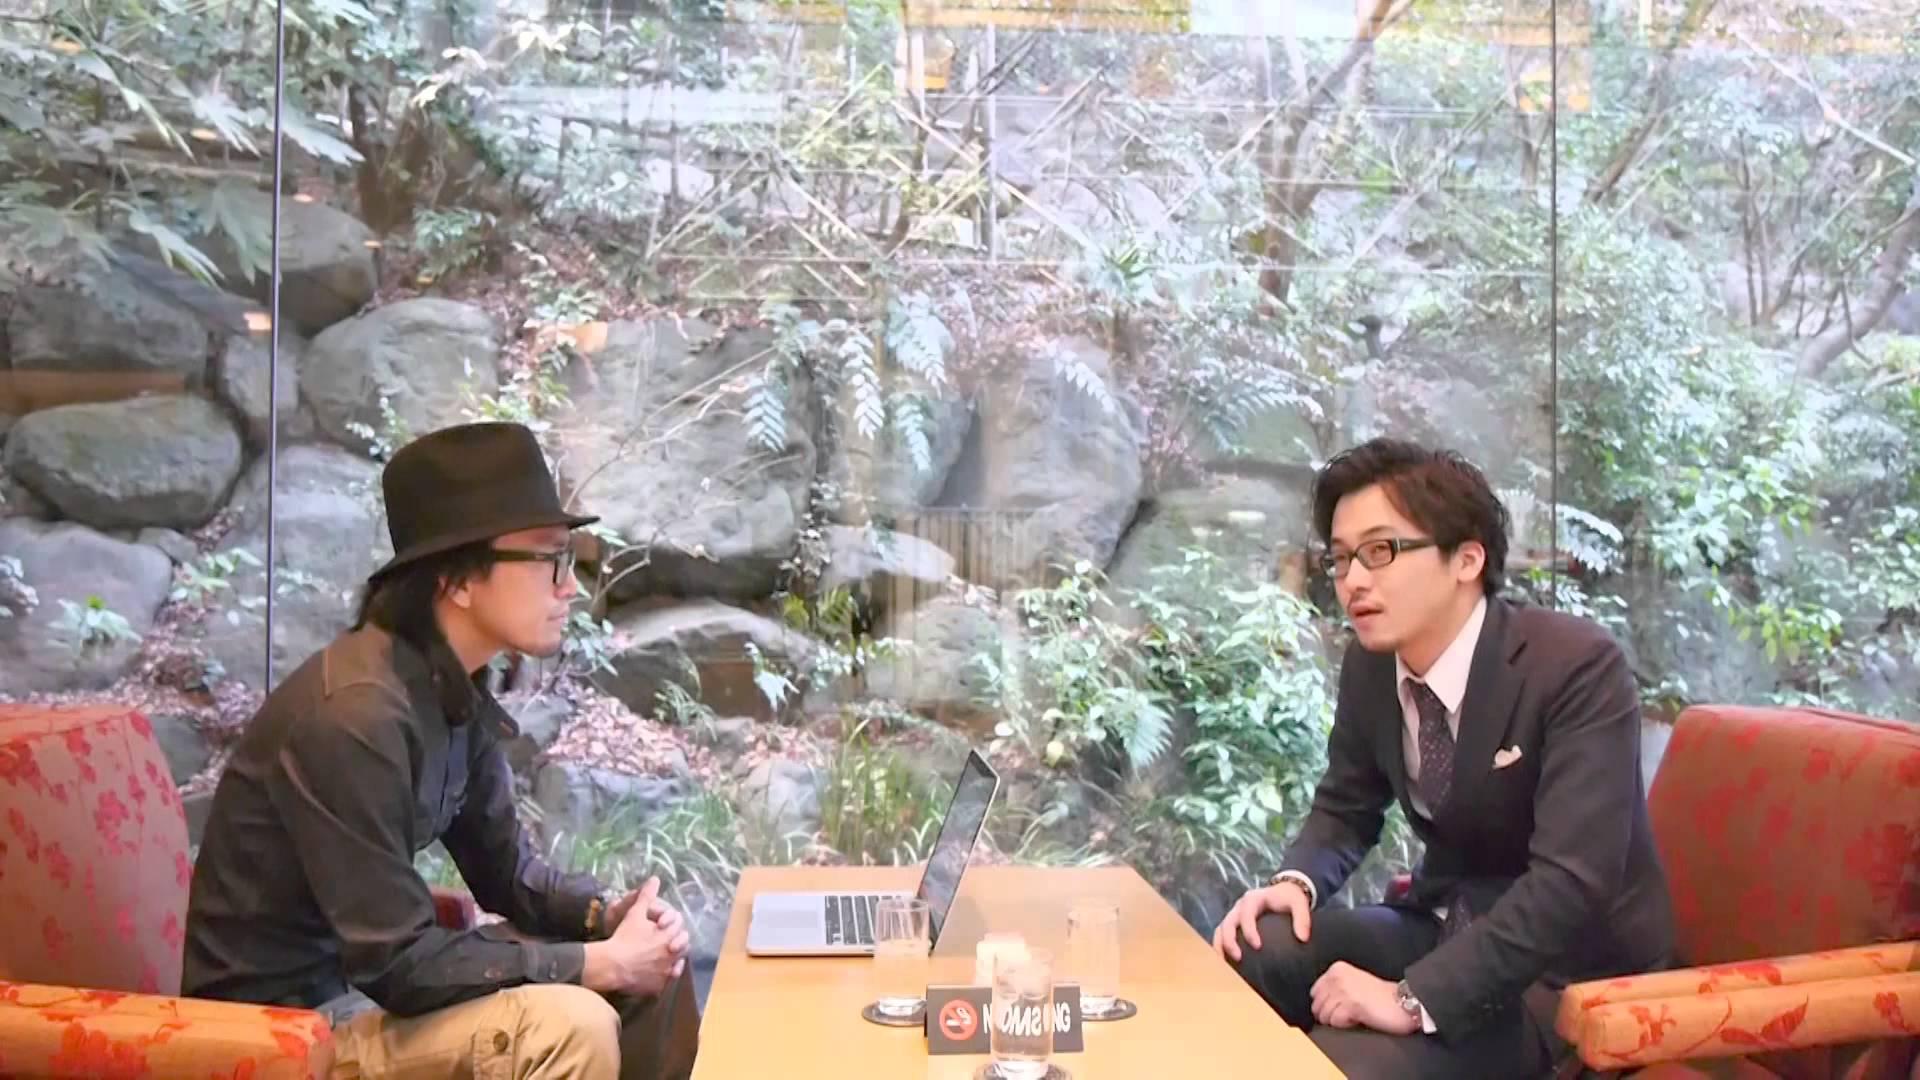 転売王子:三木高広:プロフィール【家族と一緒にネットで1億稼いだ話】